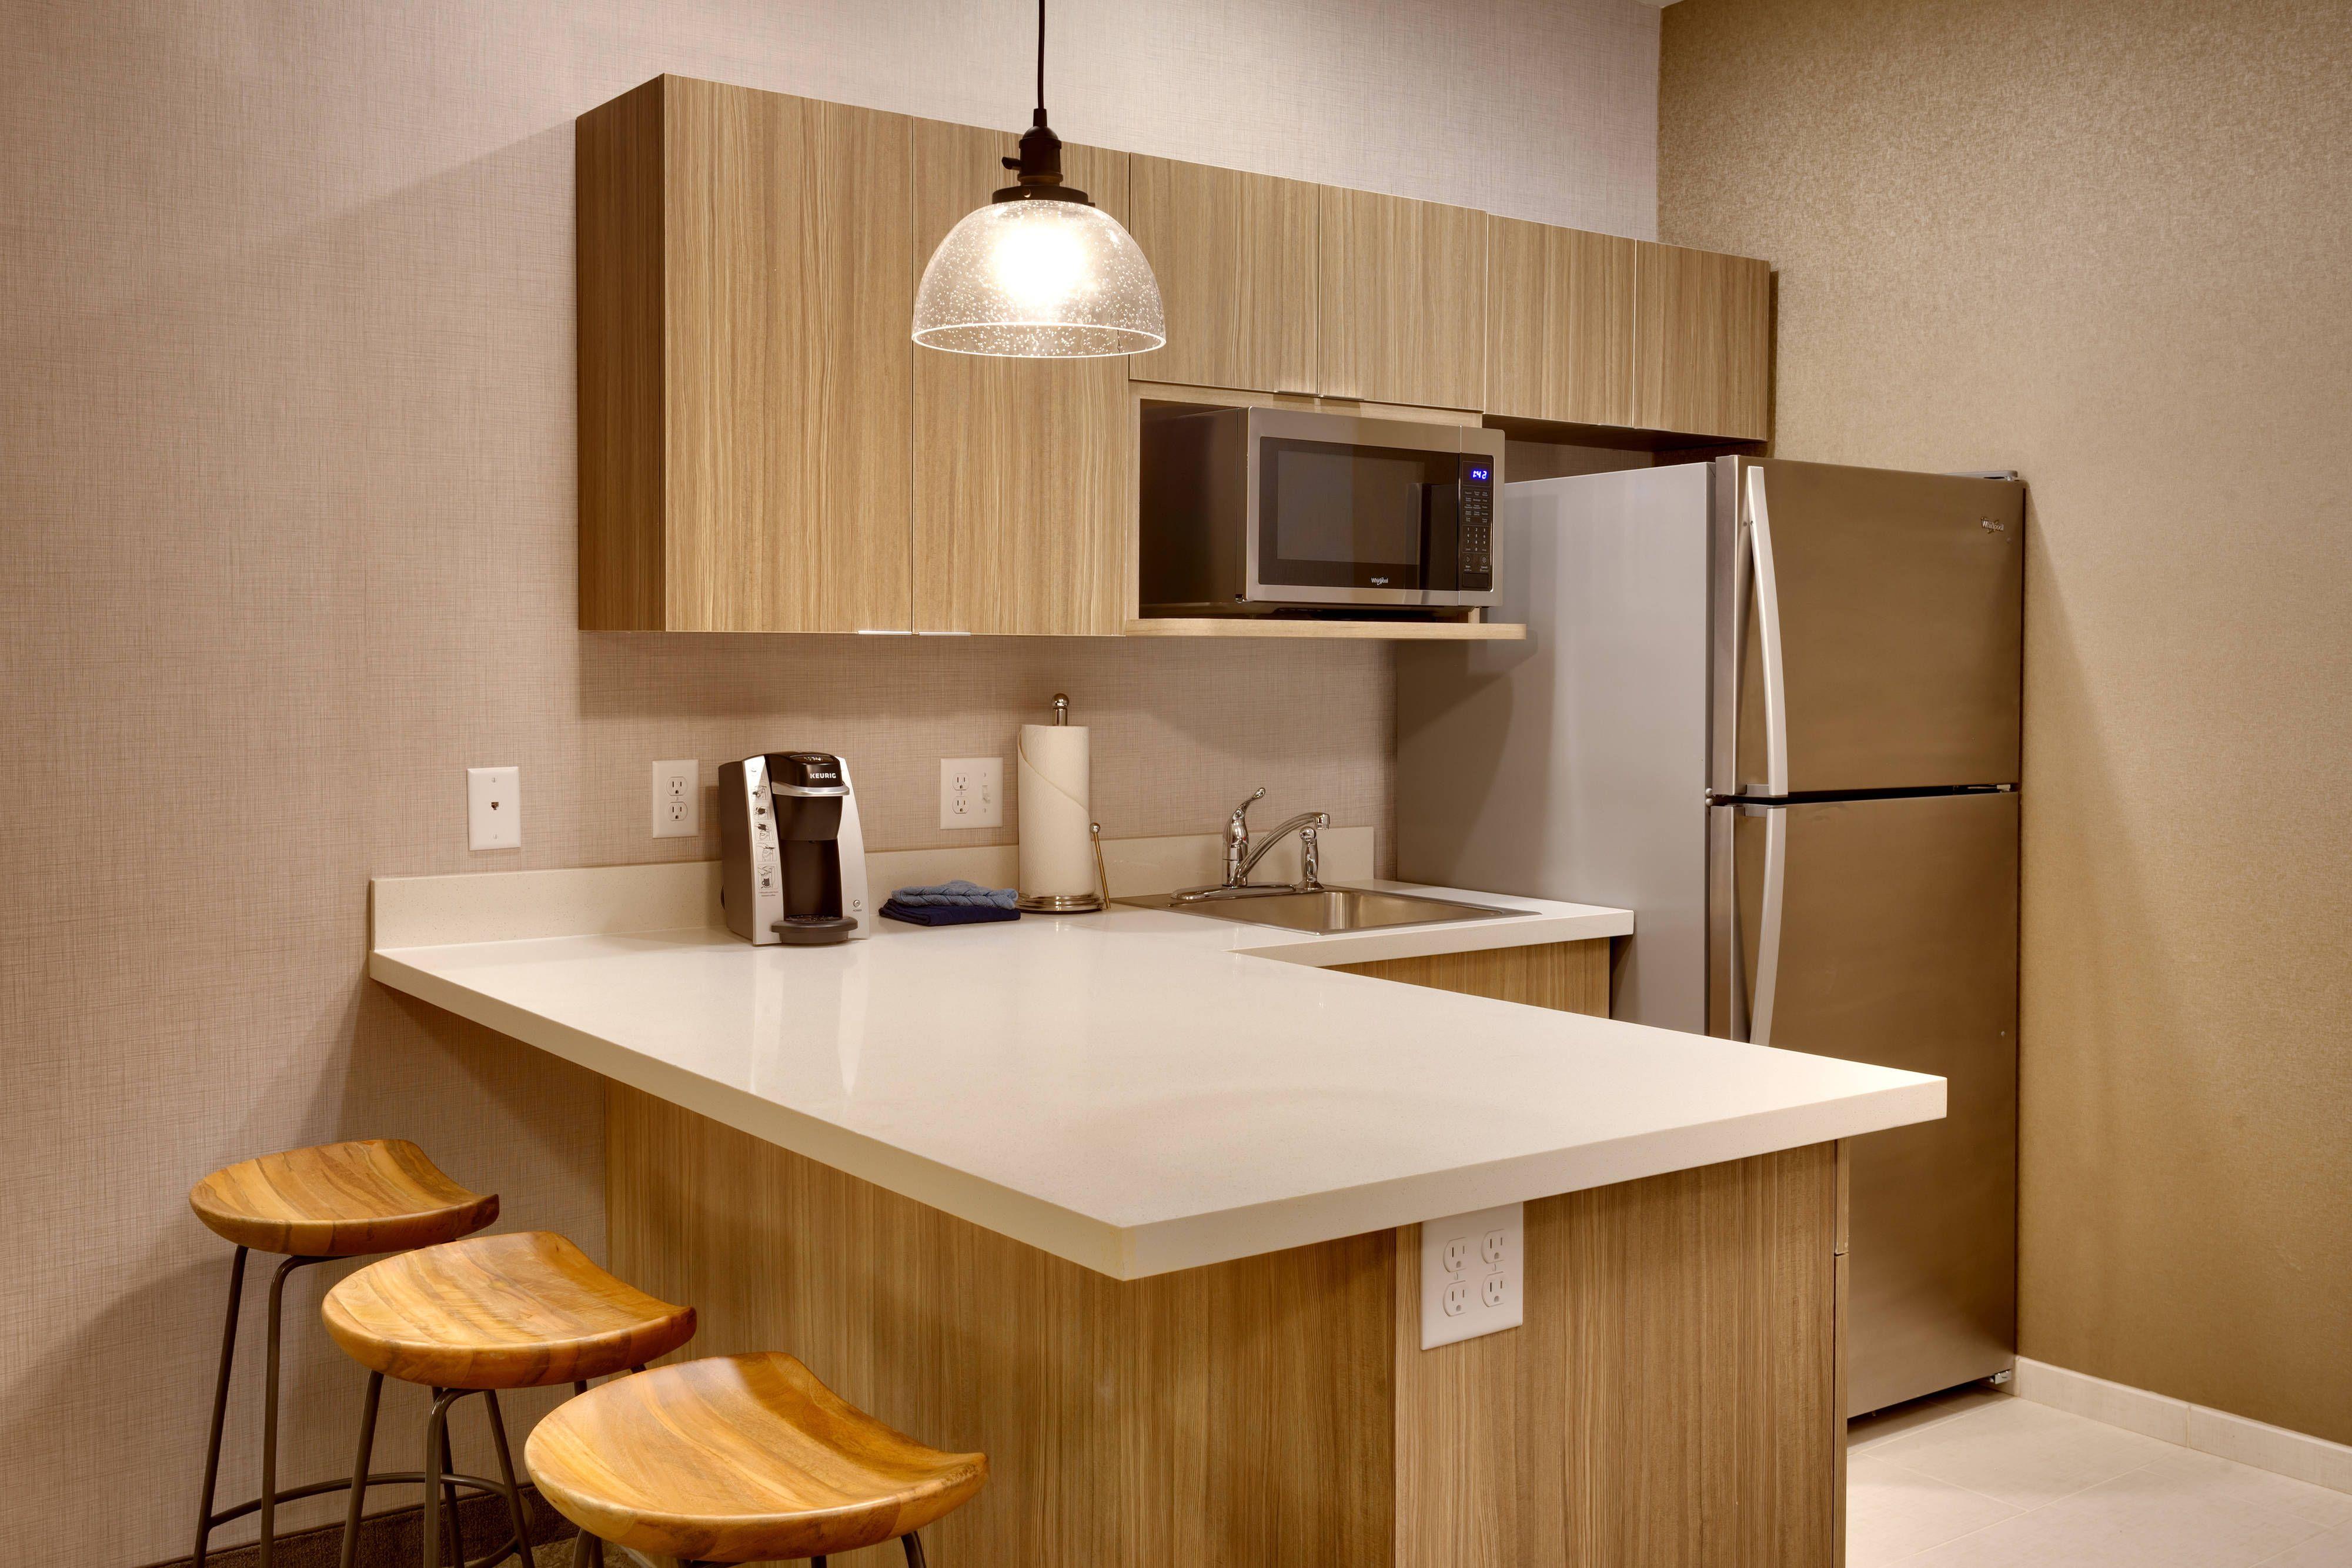 Springhill Suites Moab Suite Kitchen Happy Guestbathroom Relax Springhill Suites Guest Bathroom